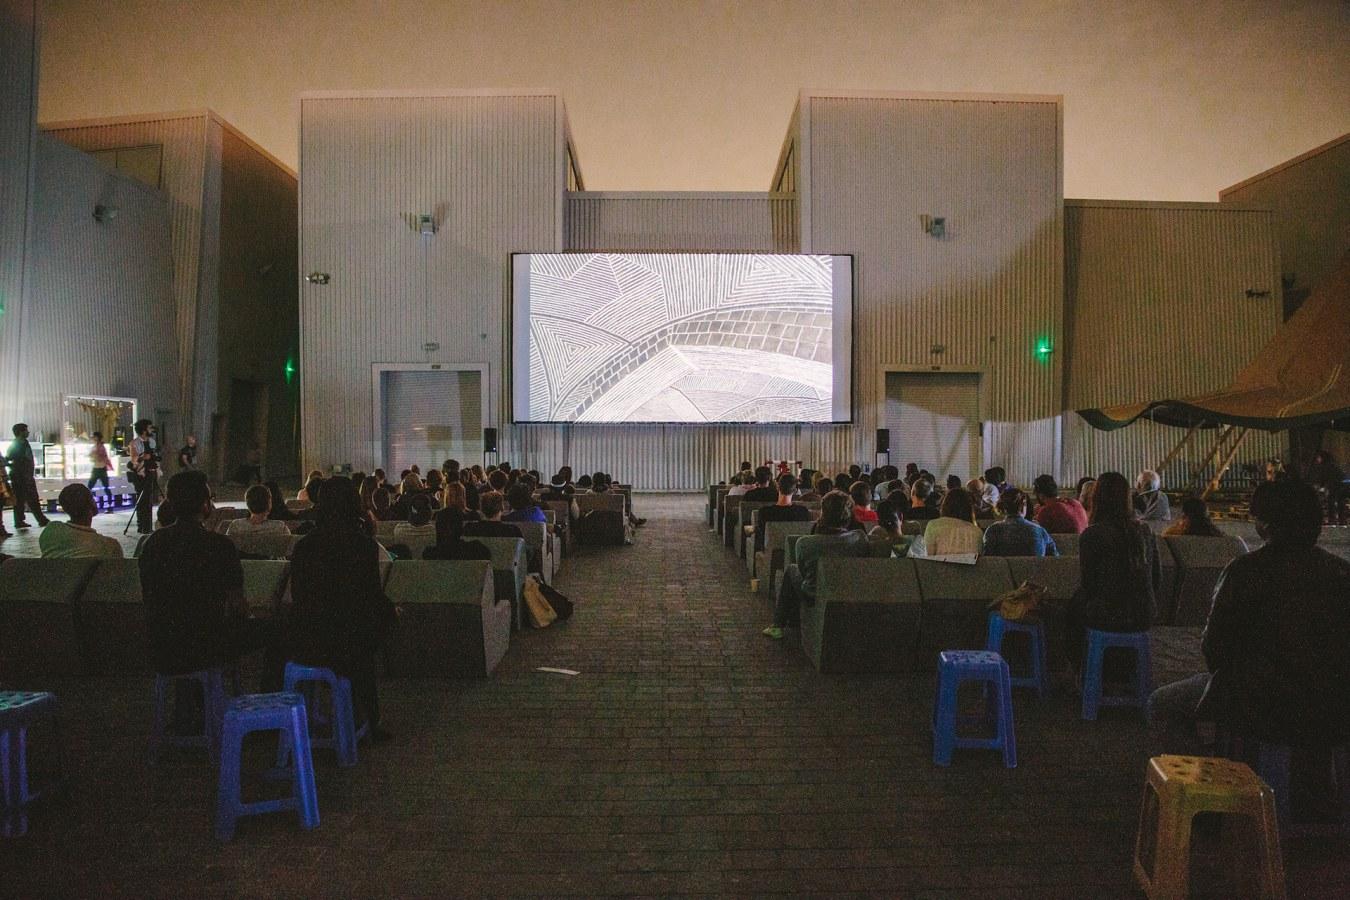 קולנוע על הגג בדובאי